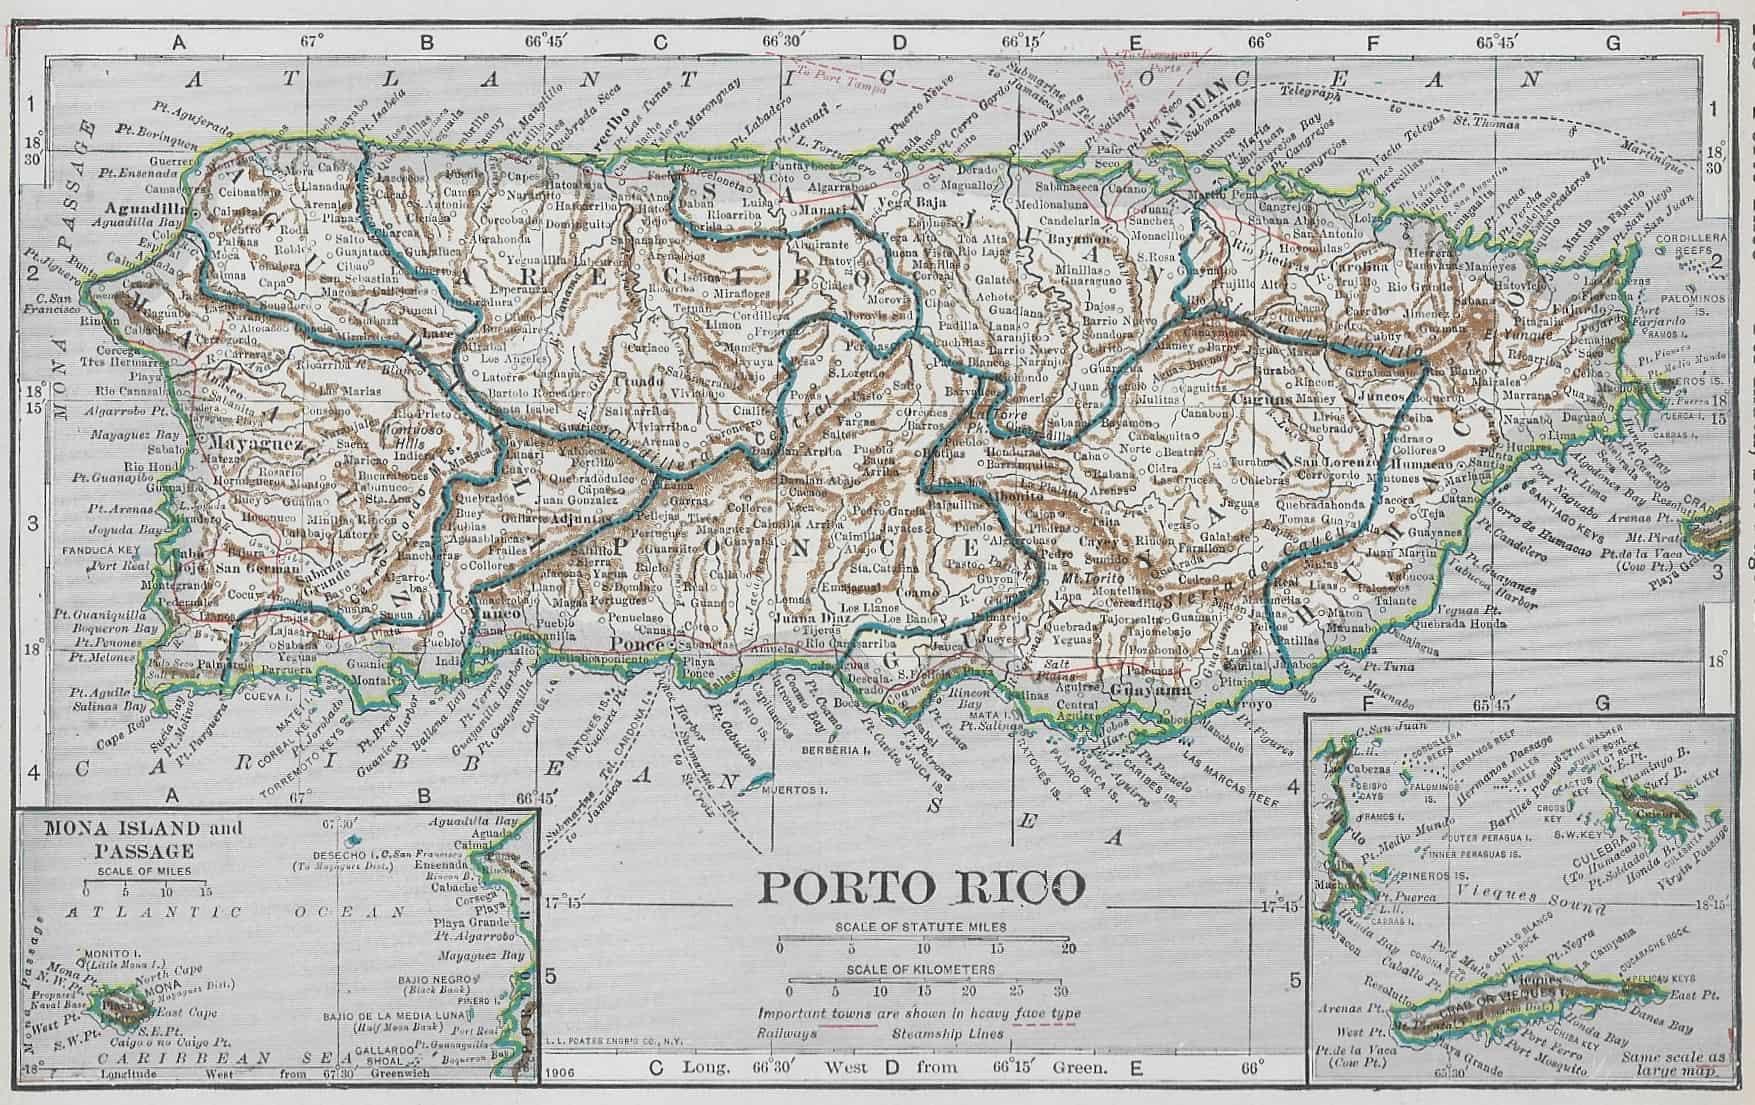 #4213 Puerto Rico 1921